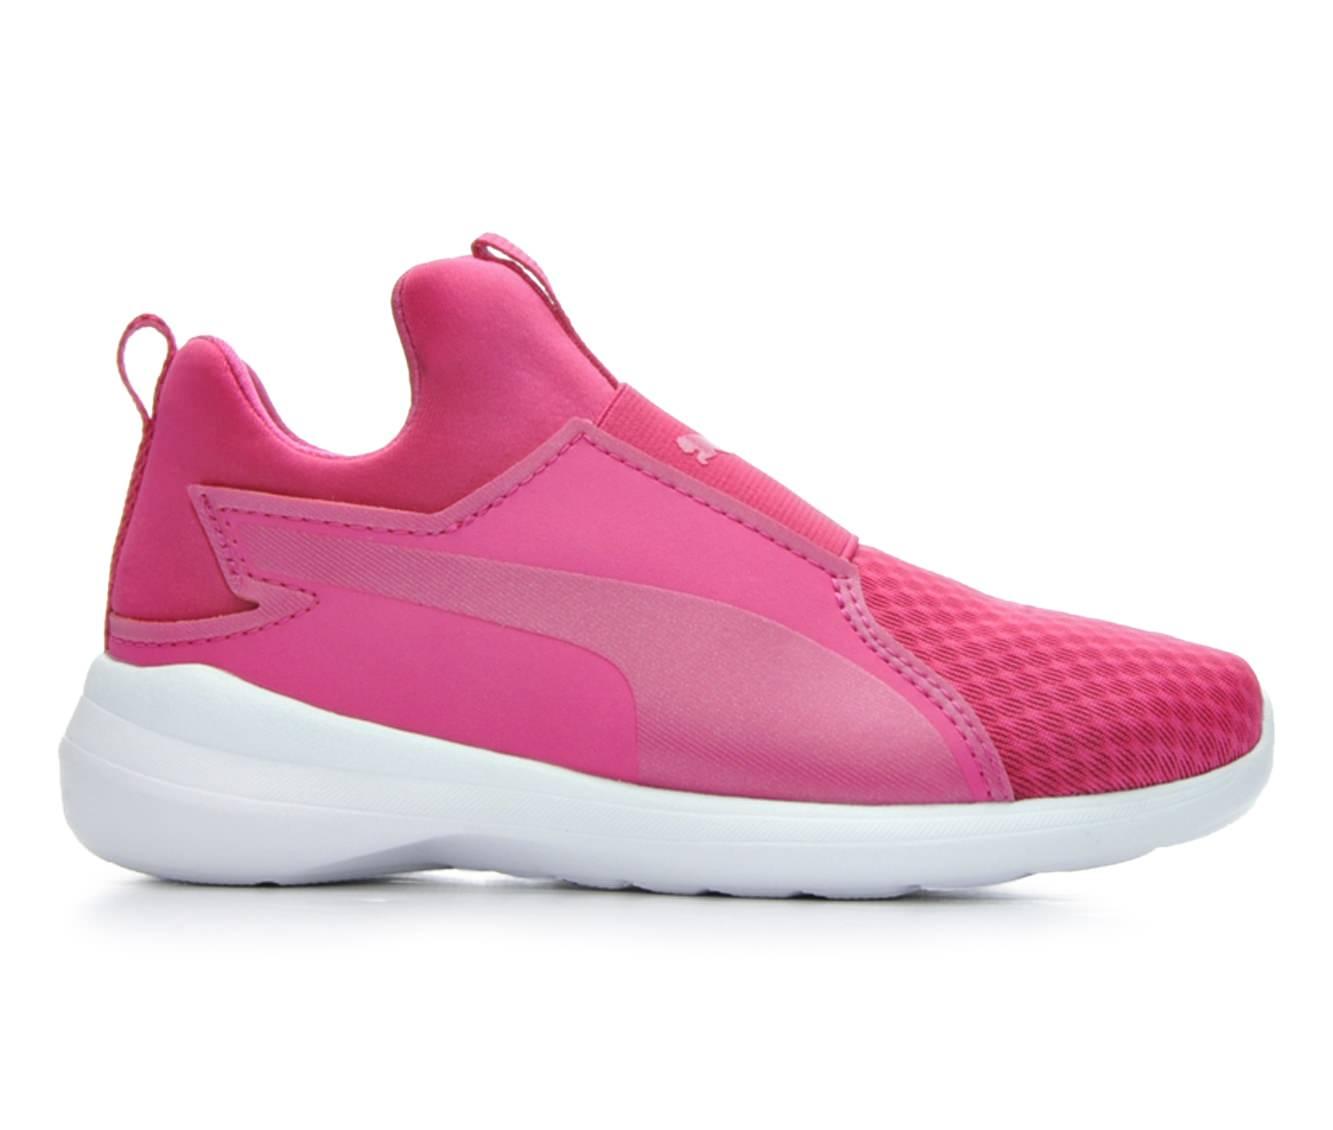 Girls' Puma Rebel PS Training Shoe (Pink)